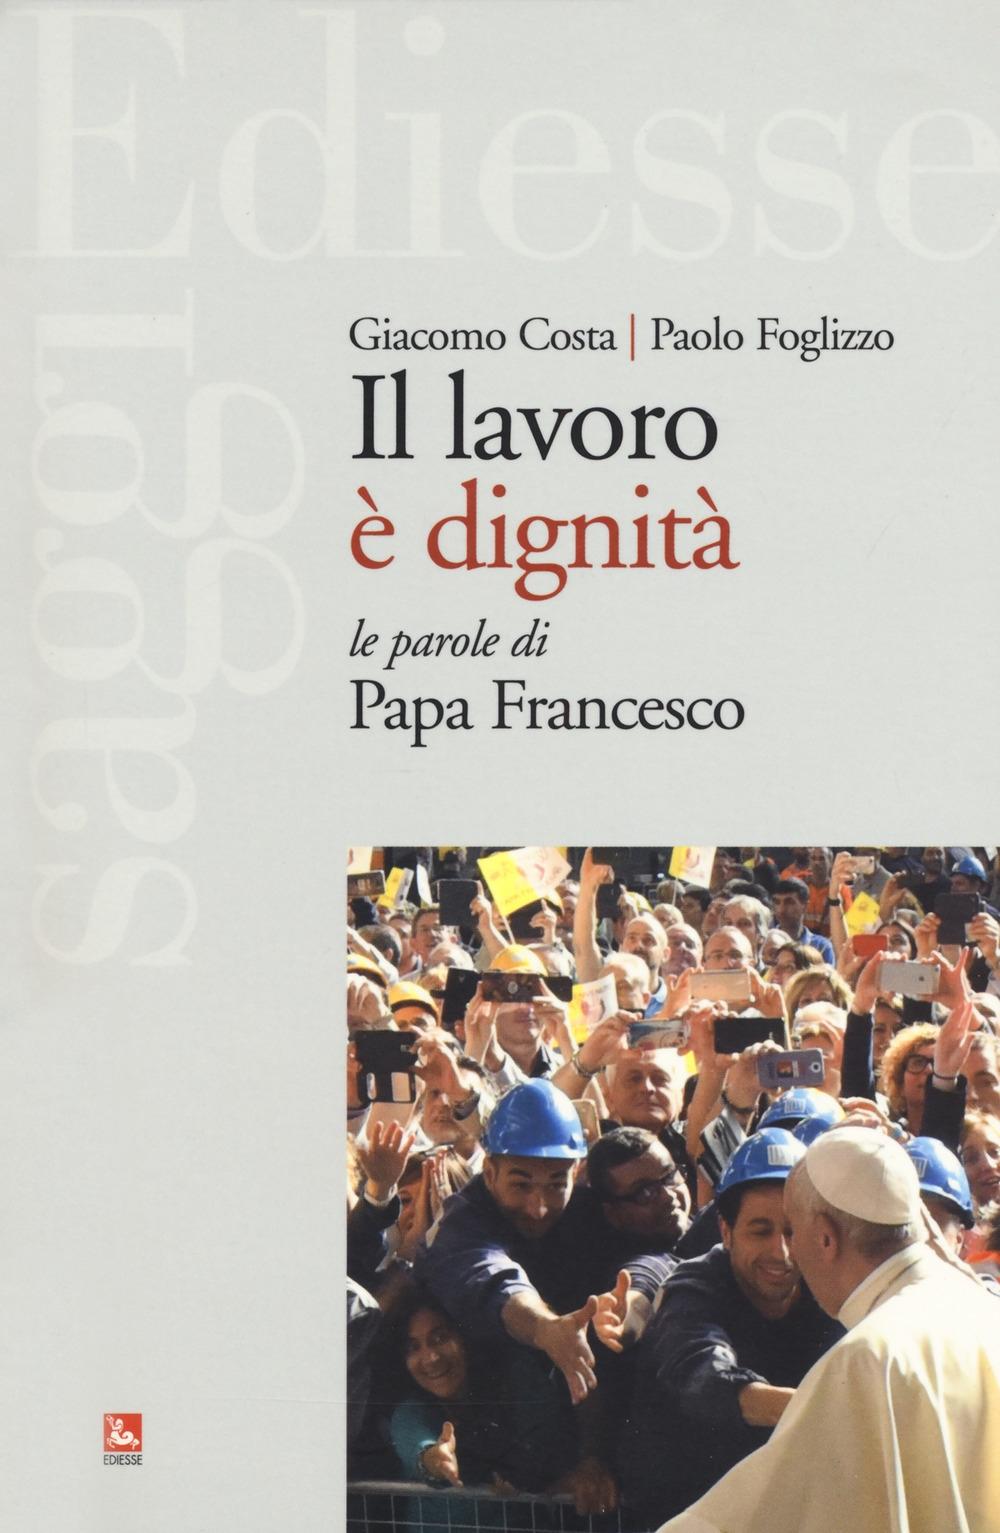 Il lavoro è dignità. Le parole di papa Francesco